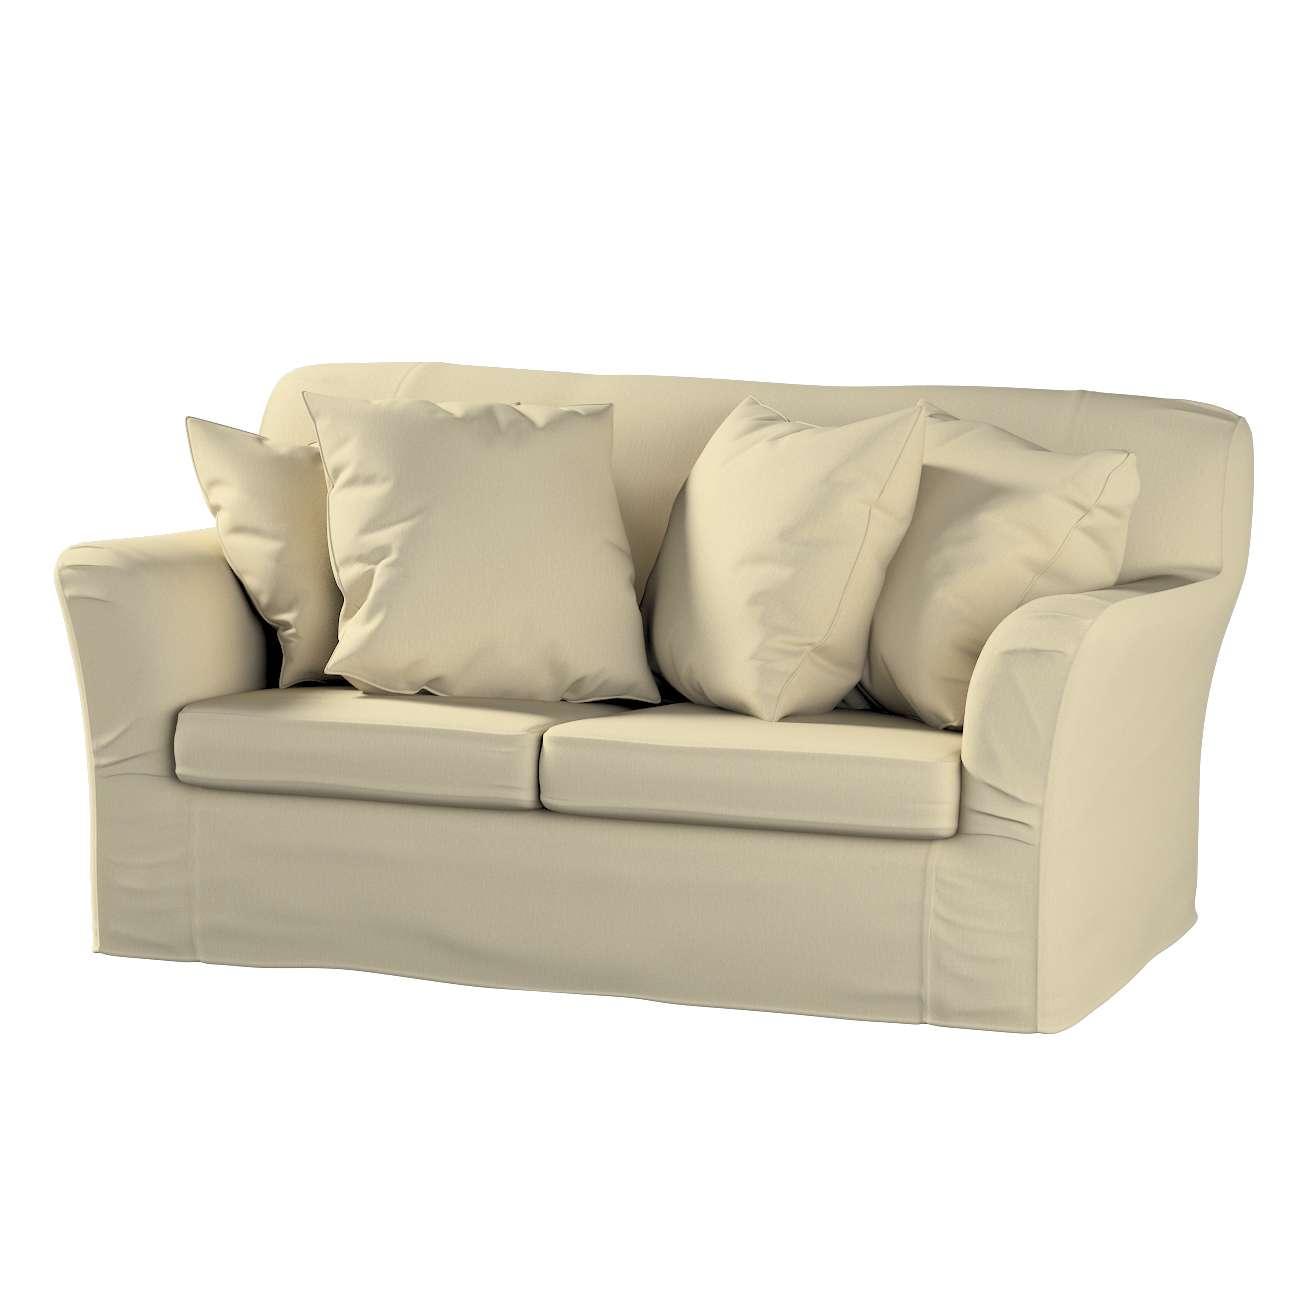 Pokrowiec na sofę Tomelilla 2-osobową nierozkładaną w kolekcji Chenille, tkanina: 702-22